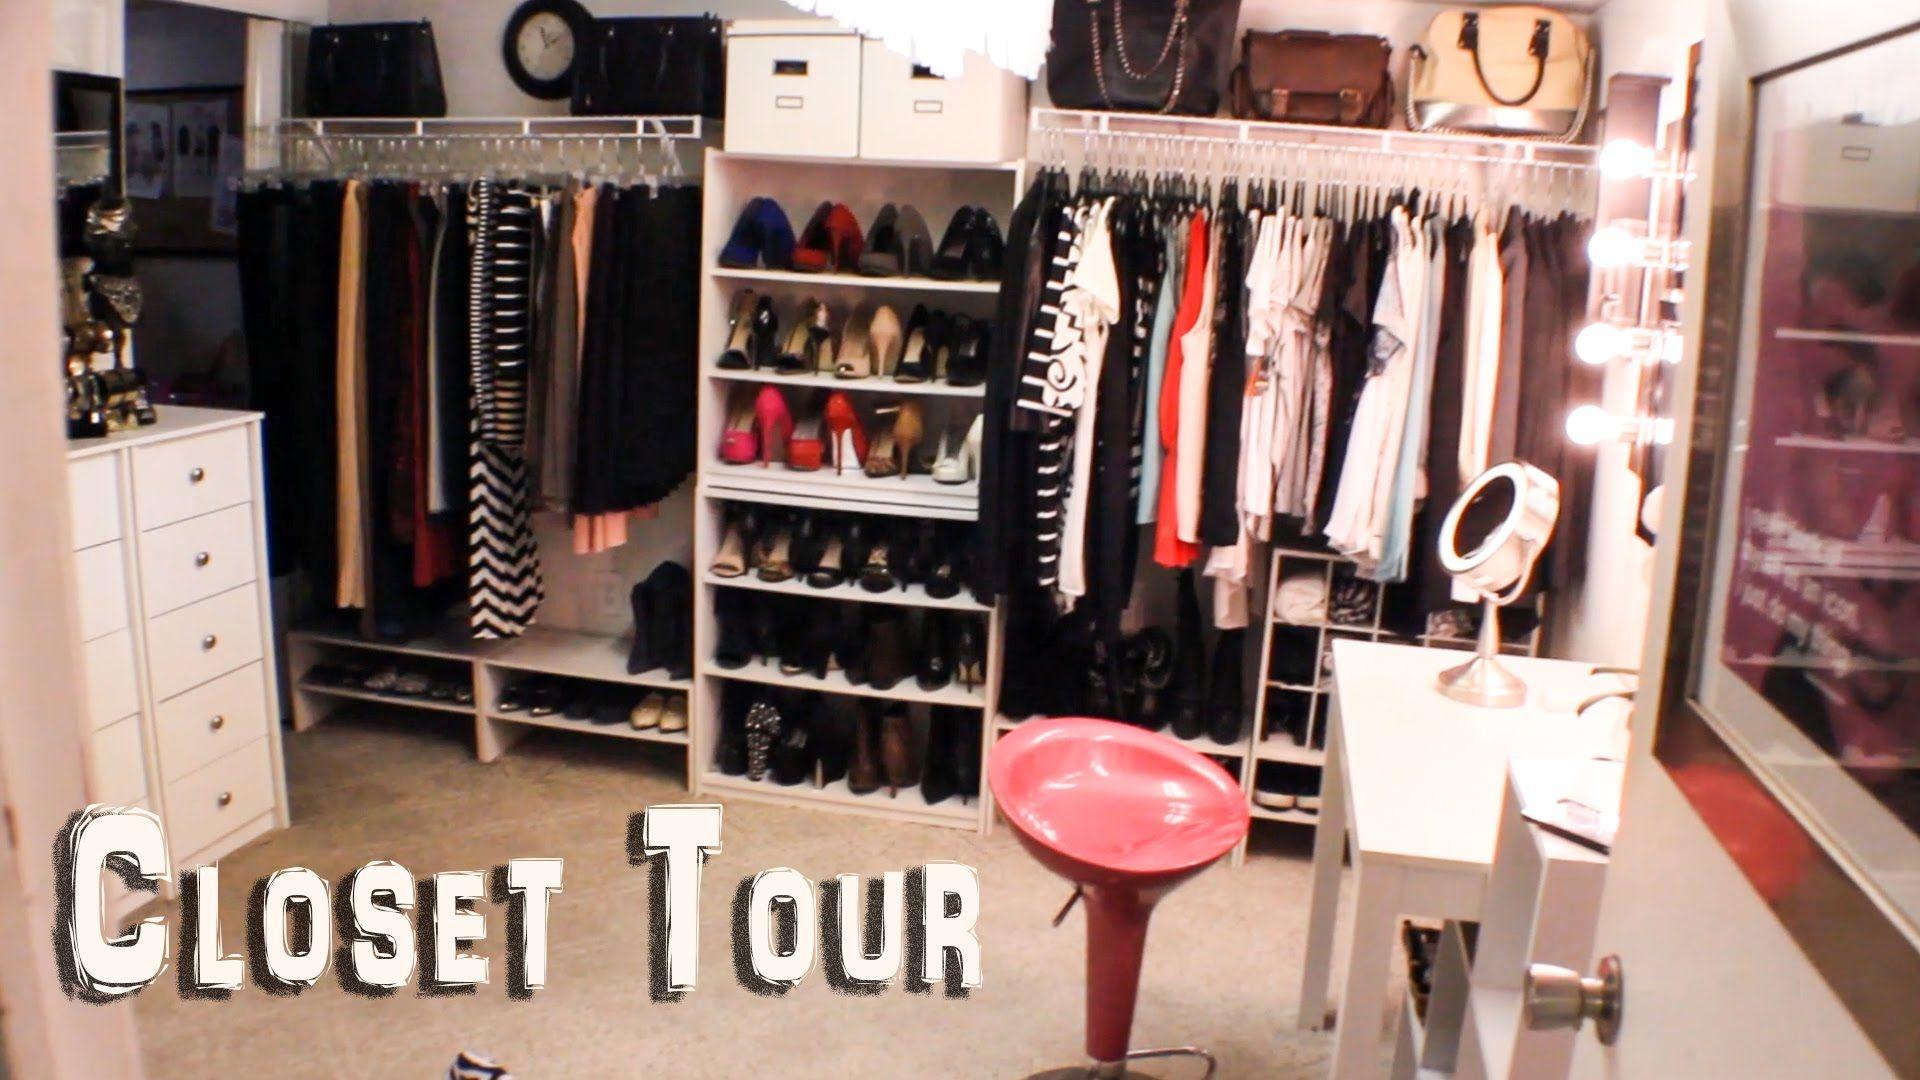 New Closet Tour + CLOSET SALE! (With images) | Closet tour ...